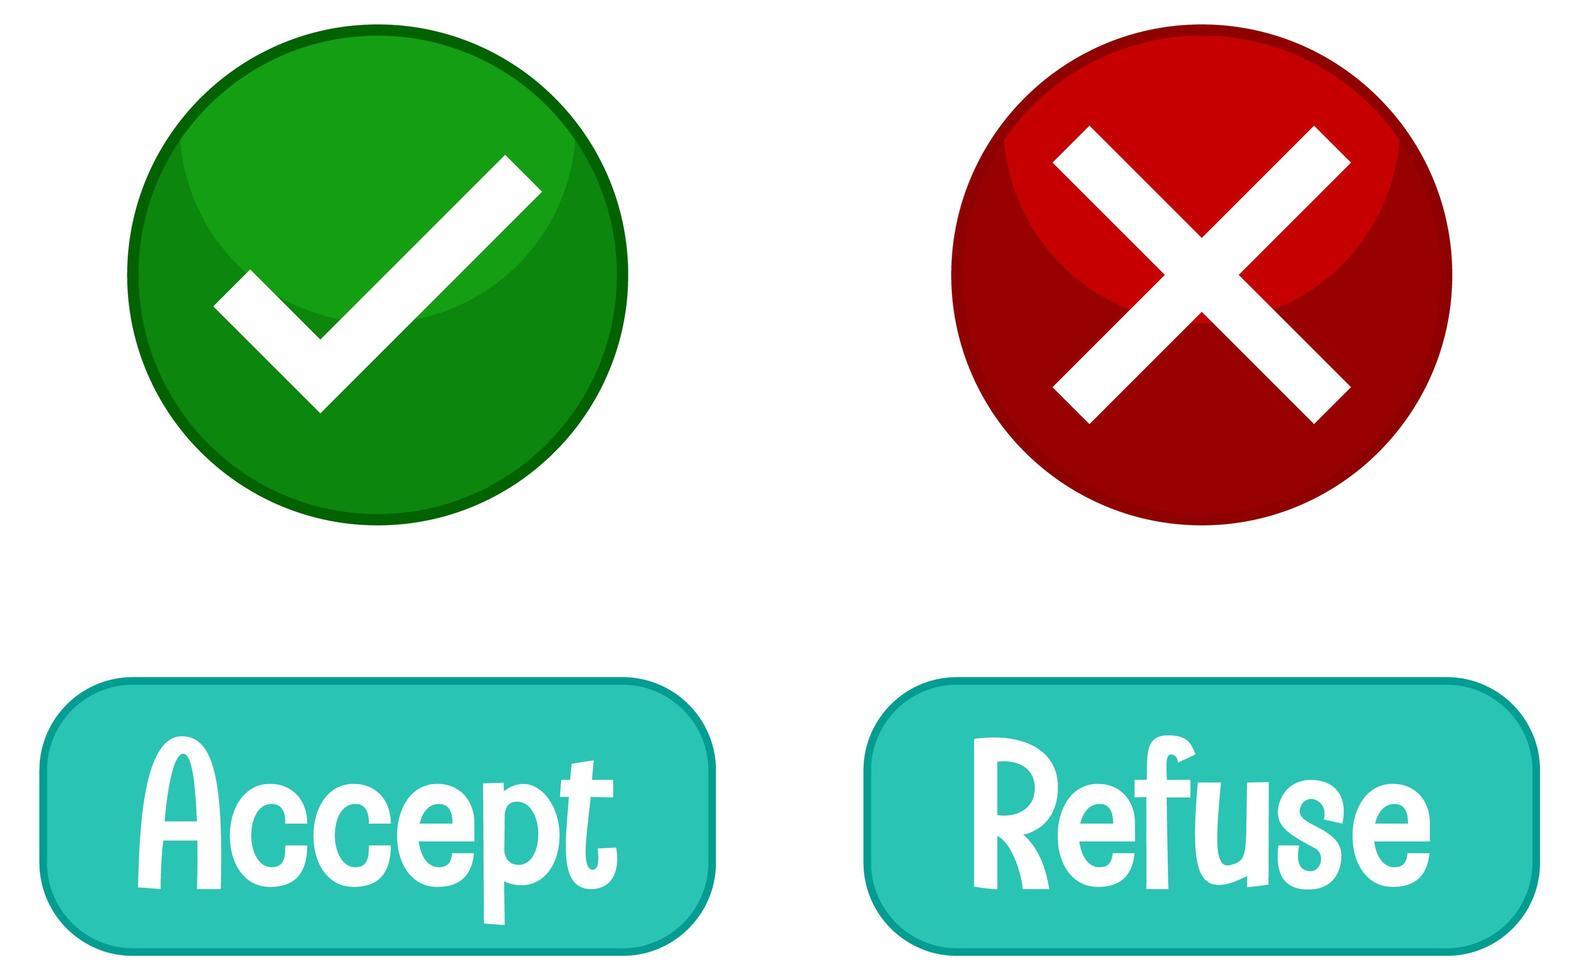 parole opposte con accetta e rifiuta vettore